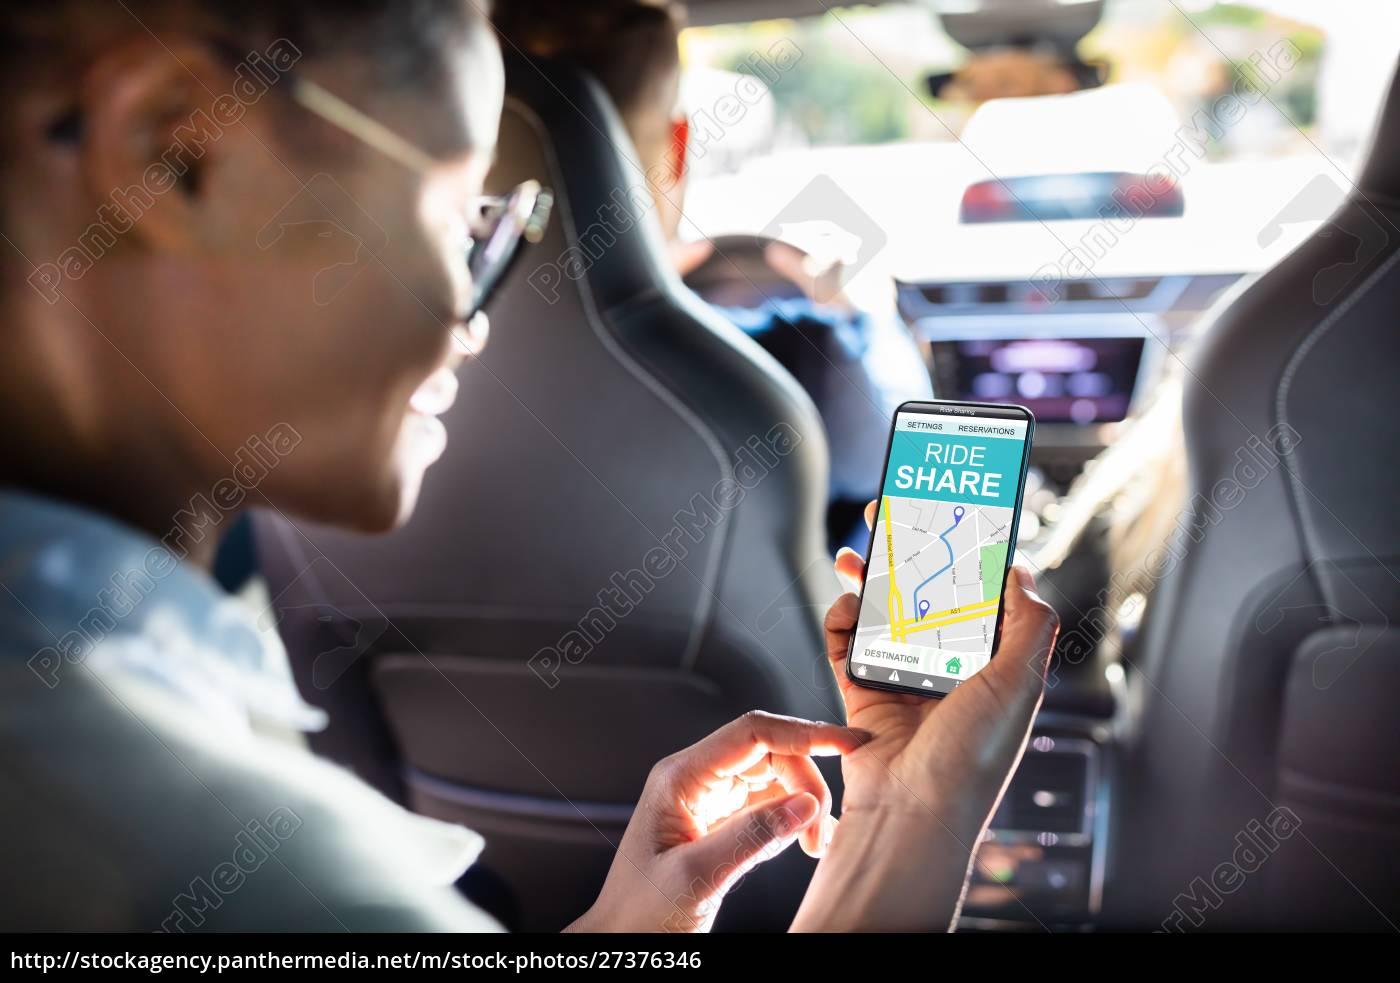 afrikanische, frau, mit, car, sharing, app - 27376346